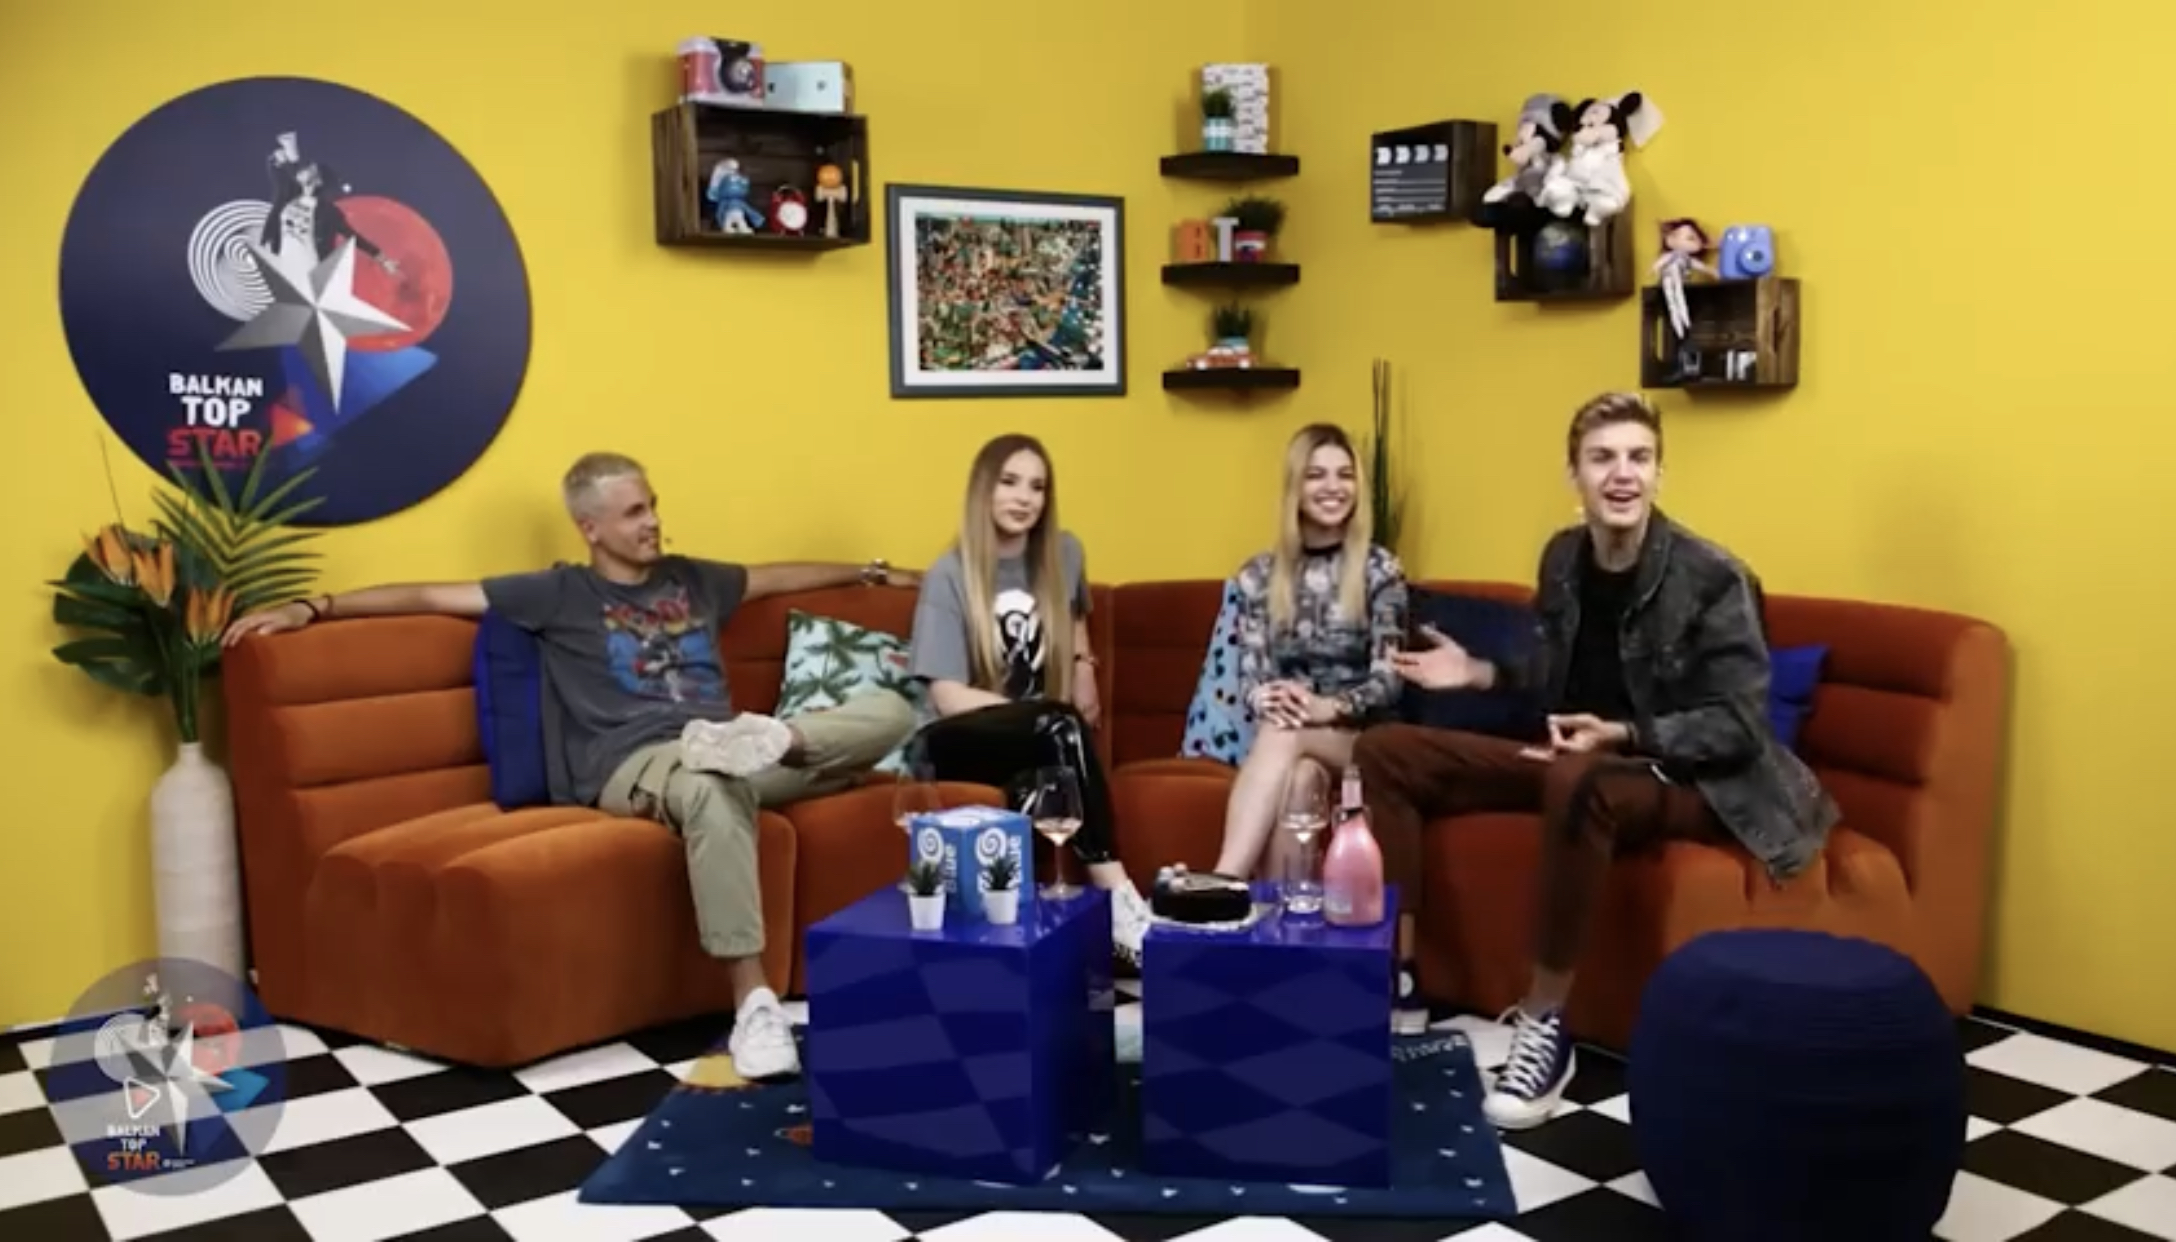 Anna u novoj epizodi Balkan top stara pričala o Janku!